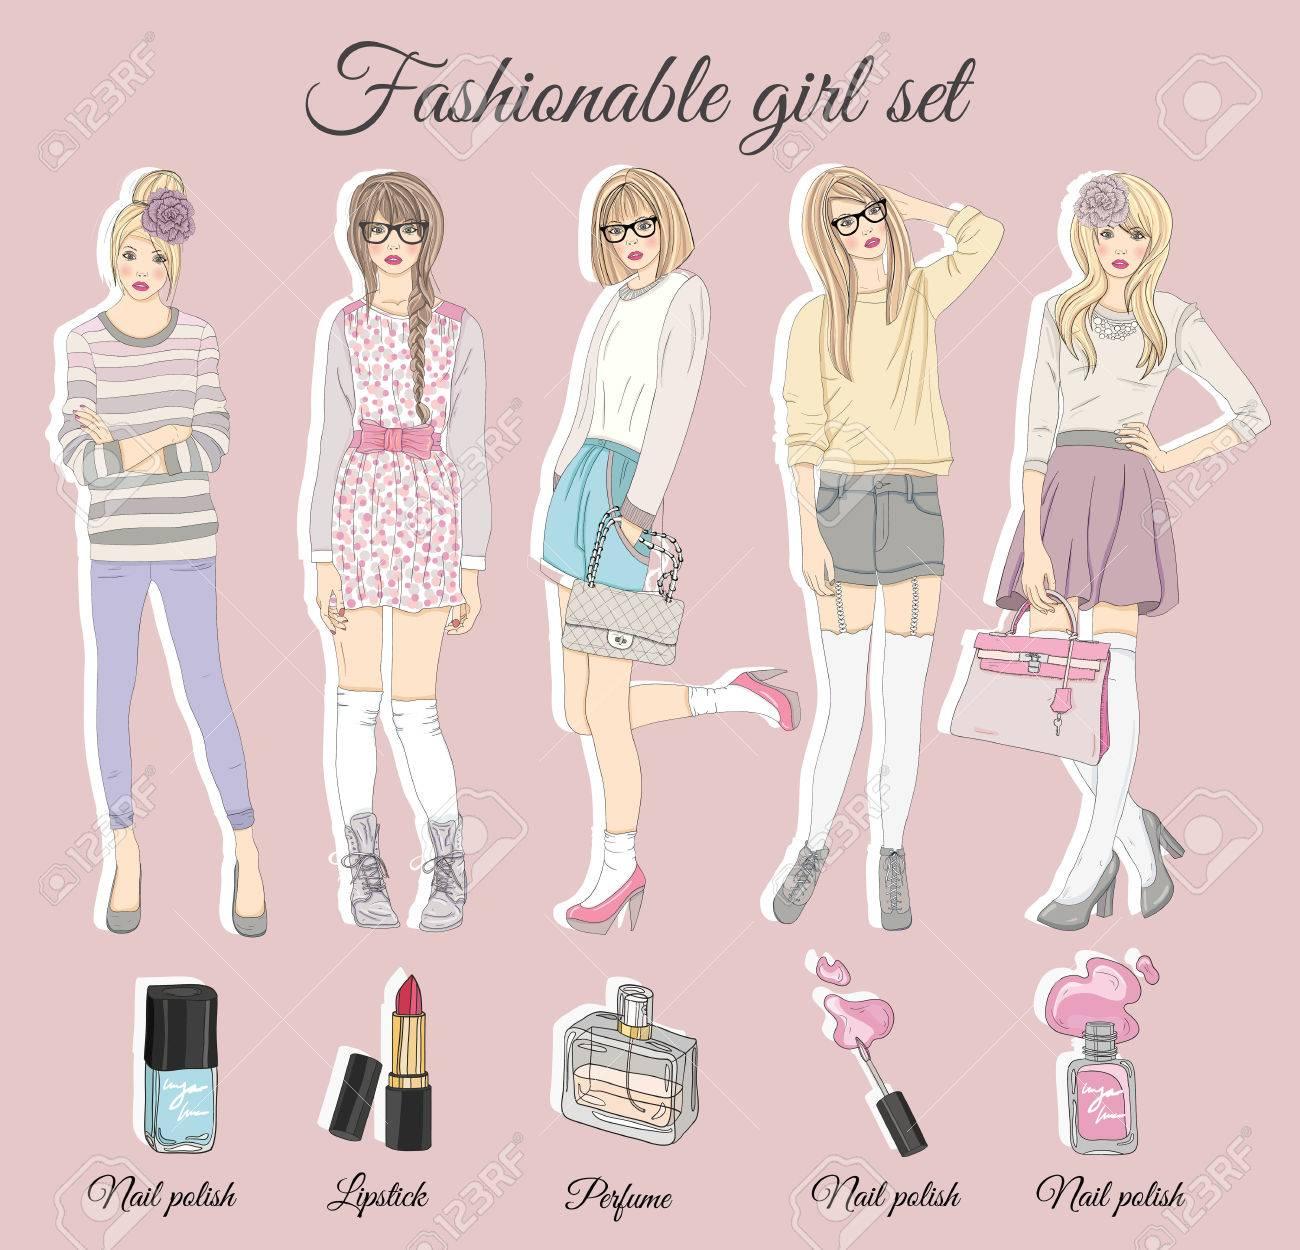 若者のファッションの女の子のイラスト。ベクトルの図。ファッションの流行の服で十代の女性との背景。ファッション イラスト。